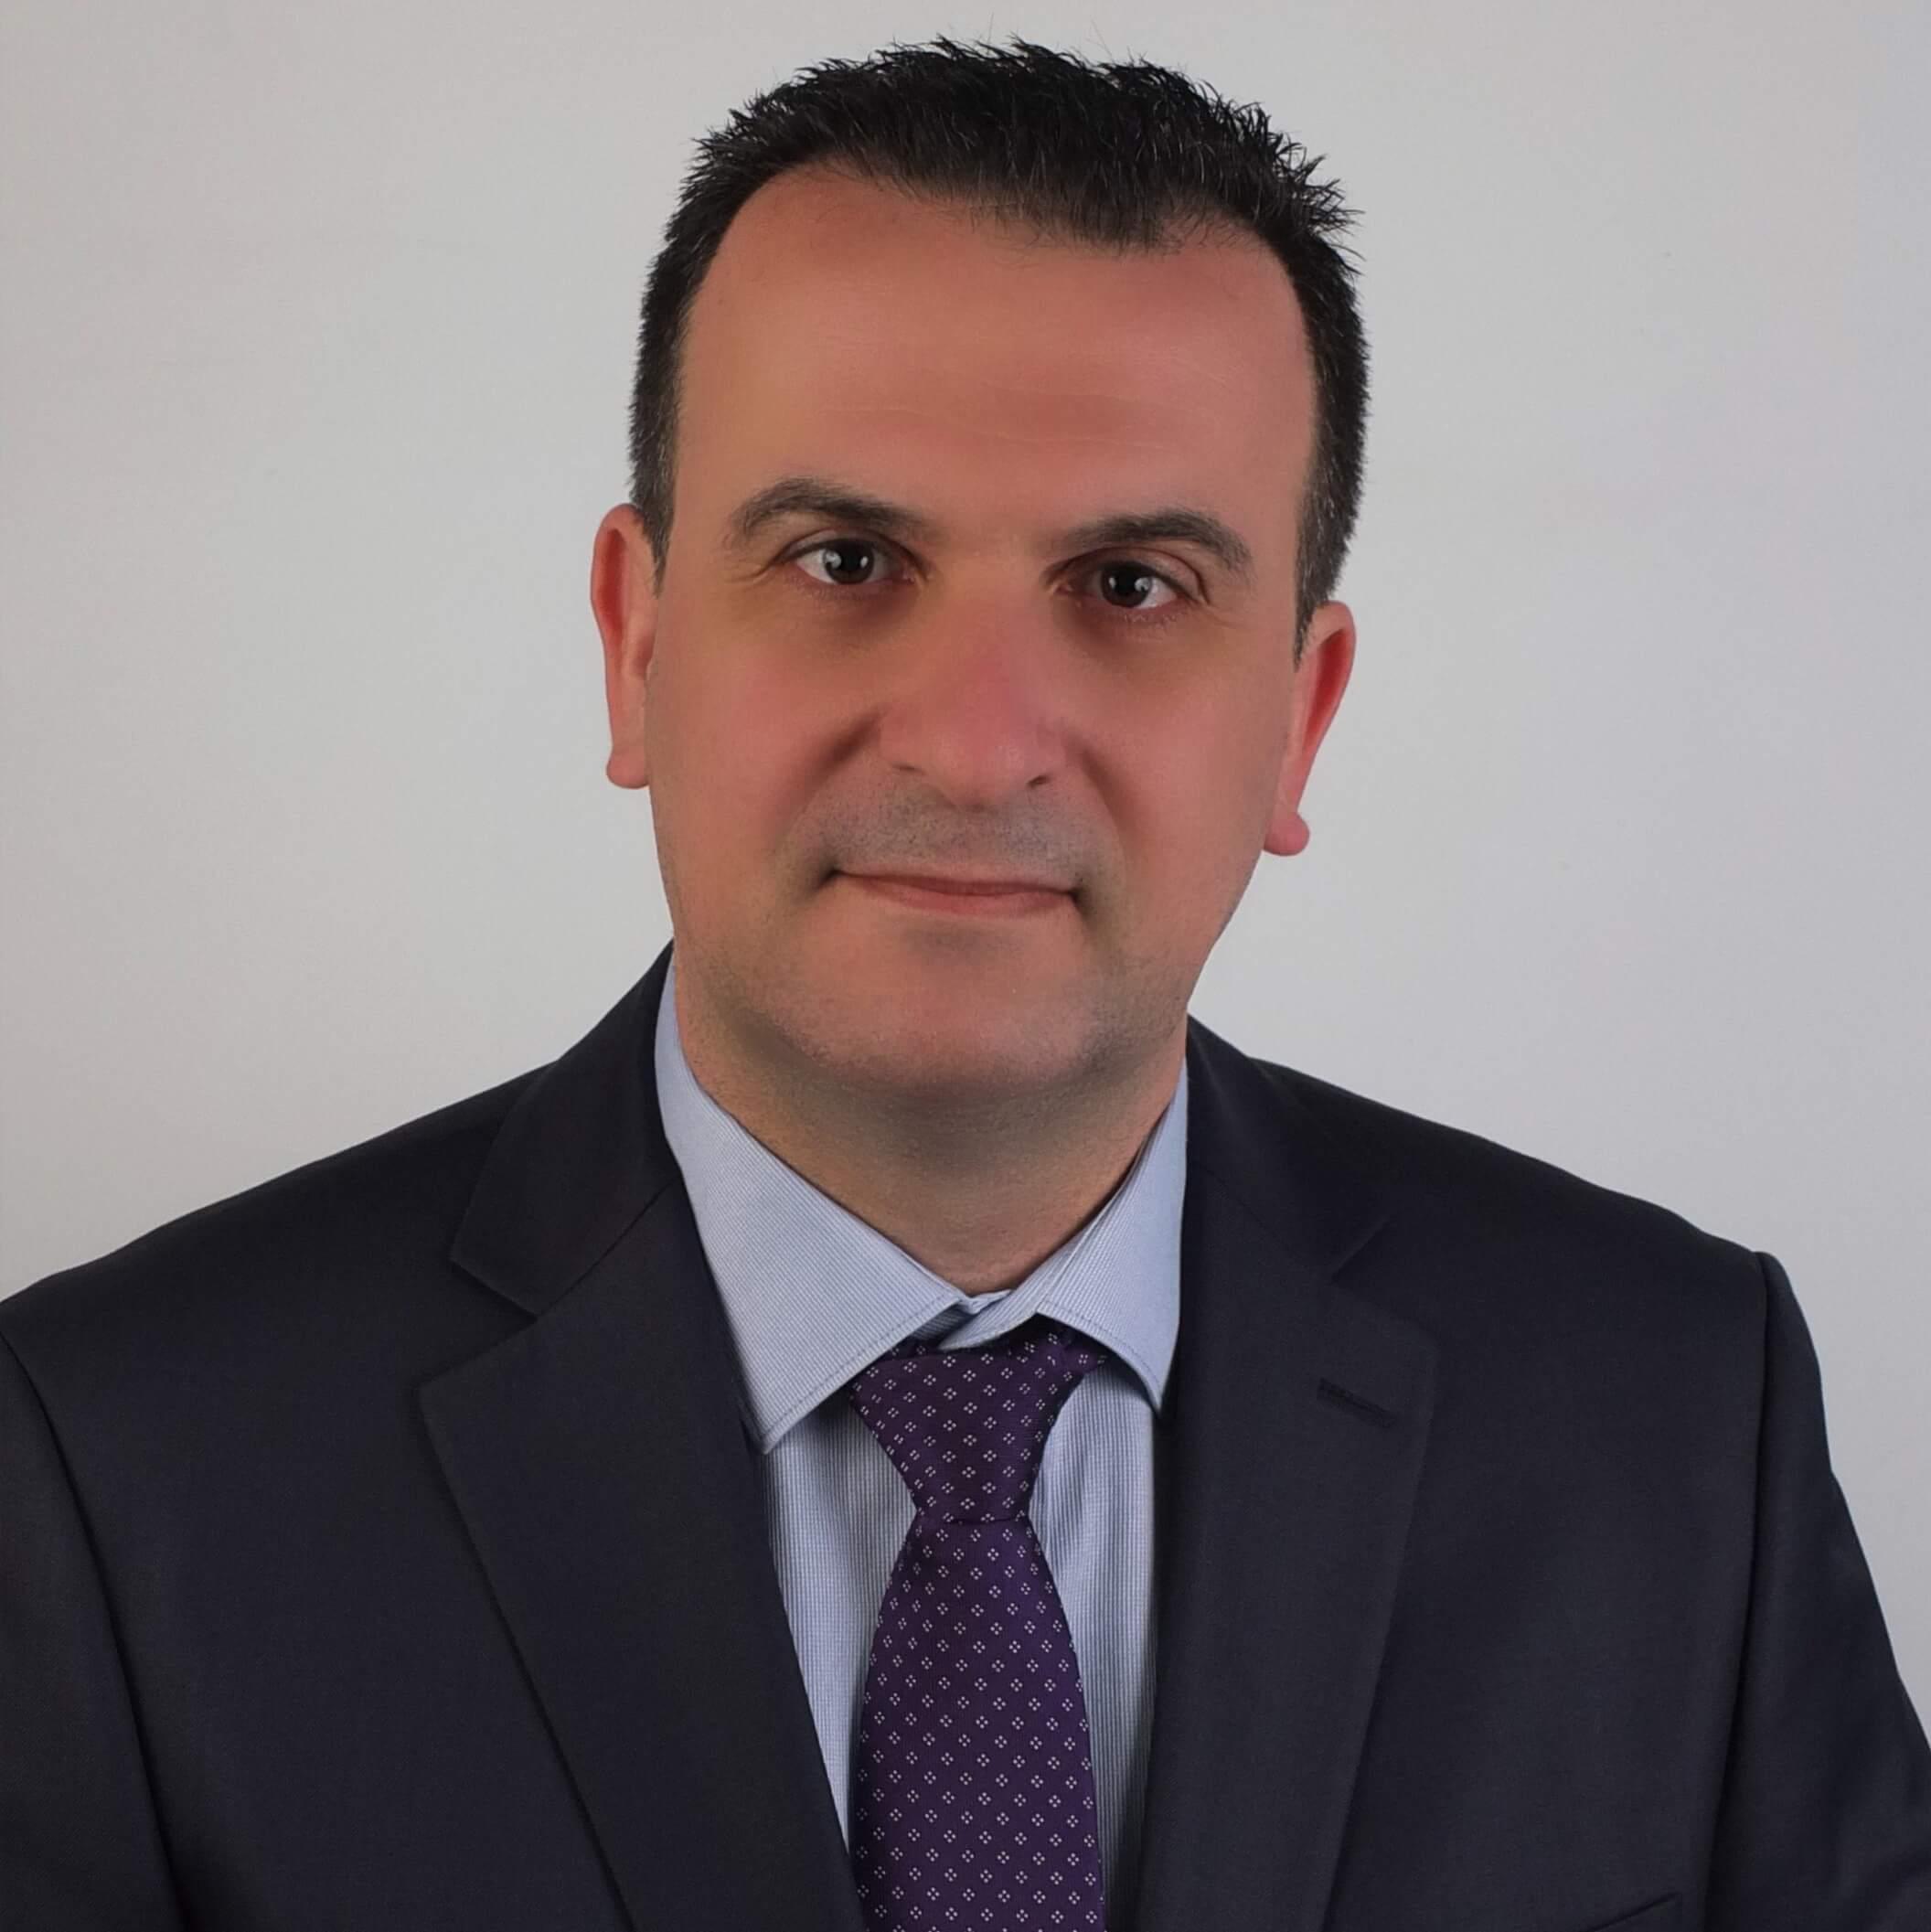 Νίκος Θεοχάρης | Καθηγητής Τεχνικών Μαθημάτων | Ανώτερη Σχολή Τουριστικής Εκπαίδευσης Ρόδου | Επιστημονικός Συνεργάτης E-Learning ΕΚΠΑ